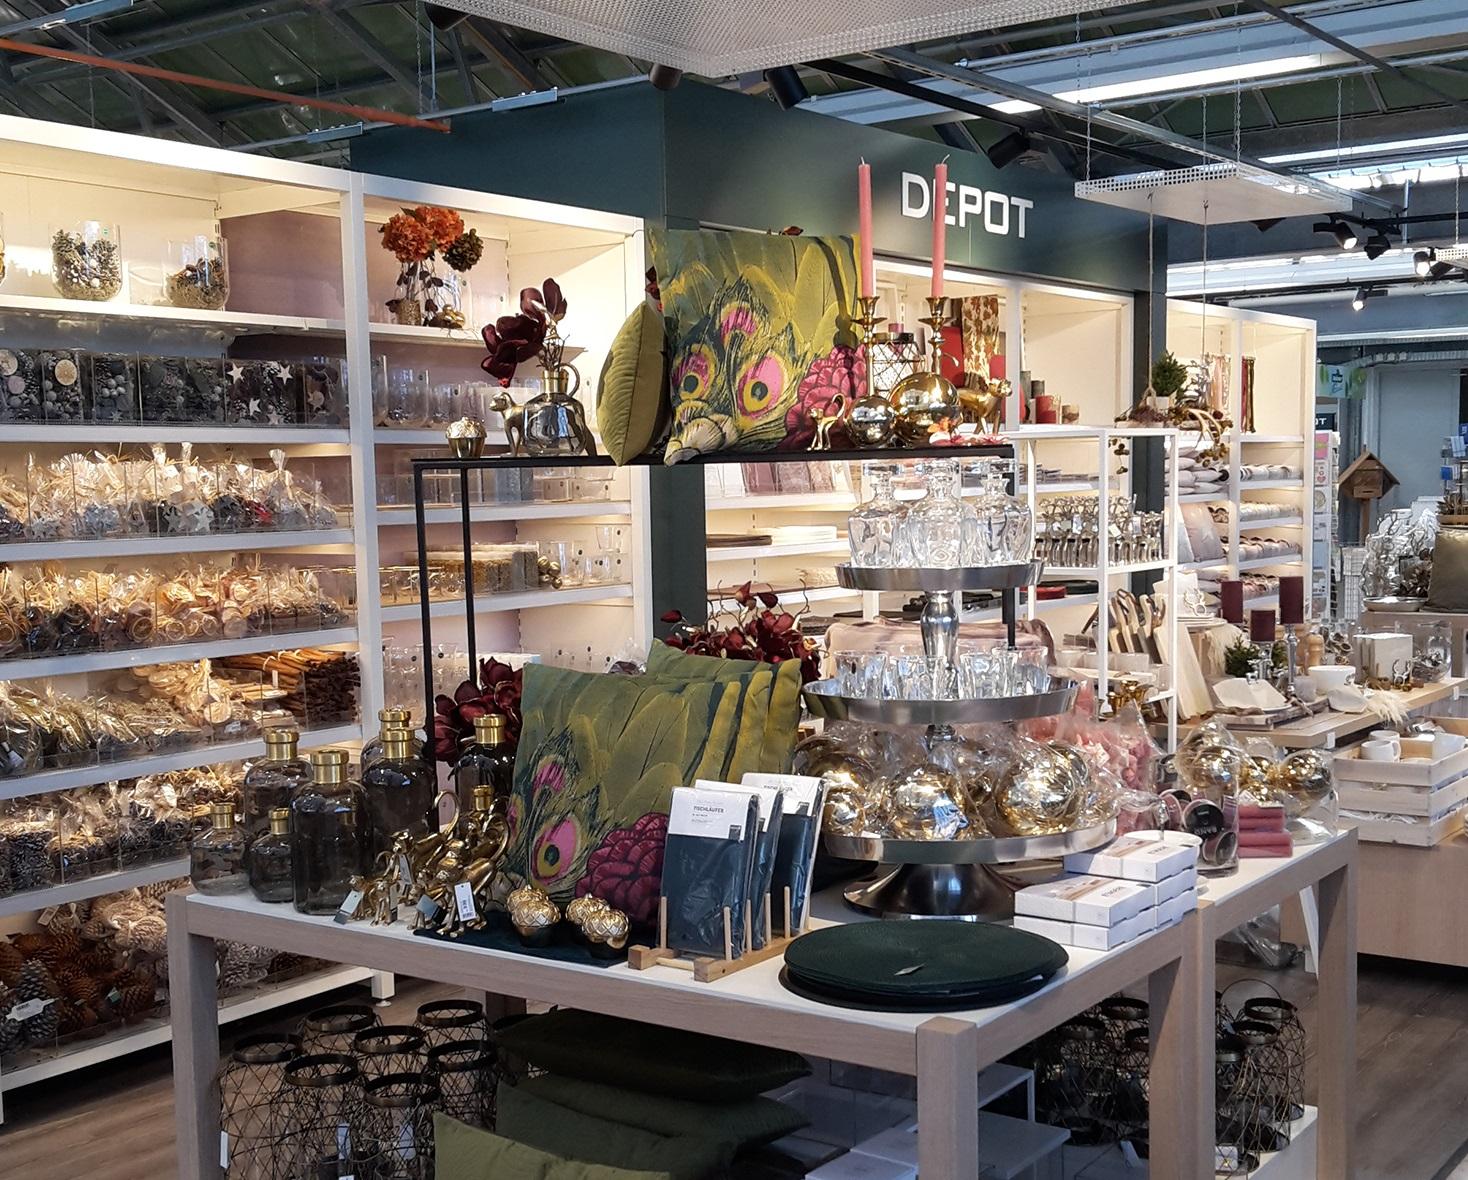 Neuer Depot Shop Im Dehner Blumenparkraindonau Ries Aktuell